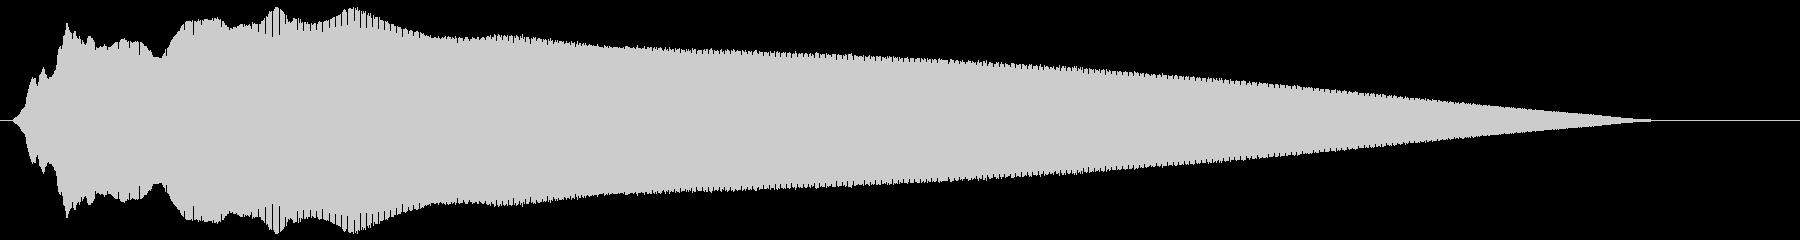 レゲエホーン (高く、短め)の未再生の波形